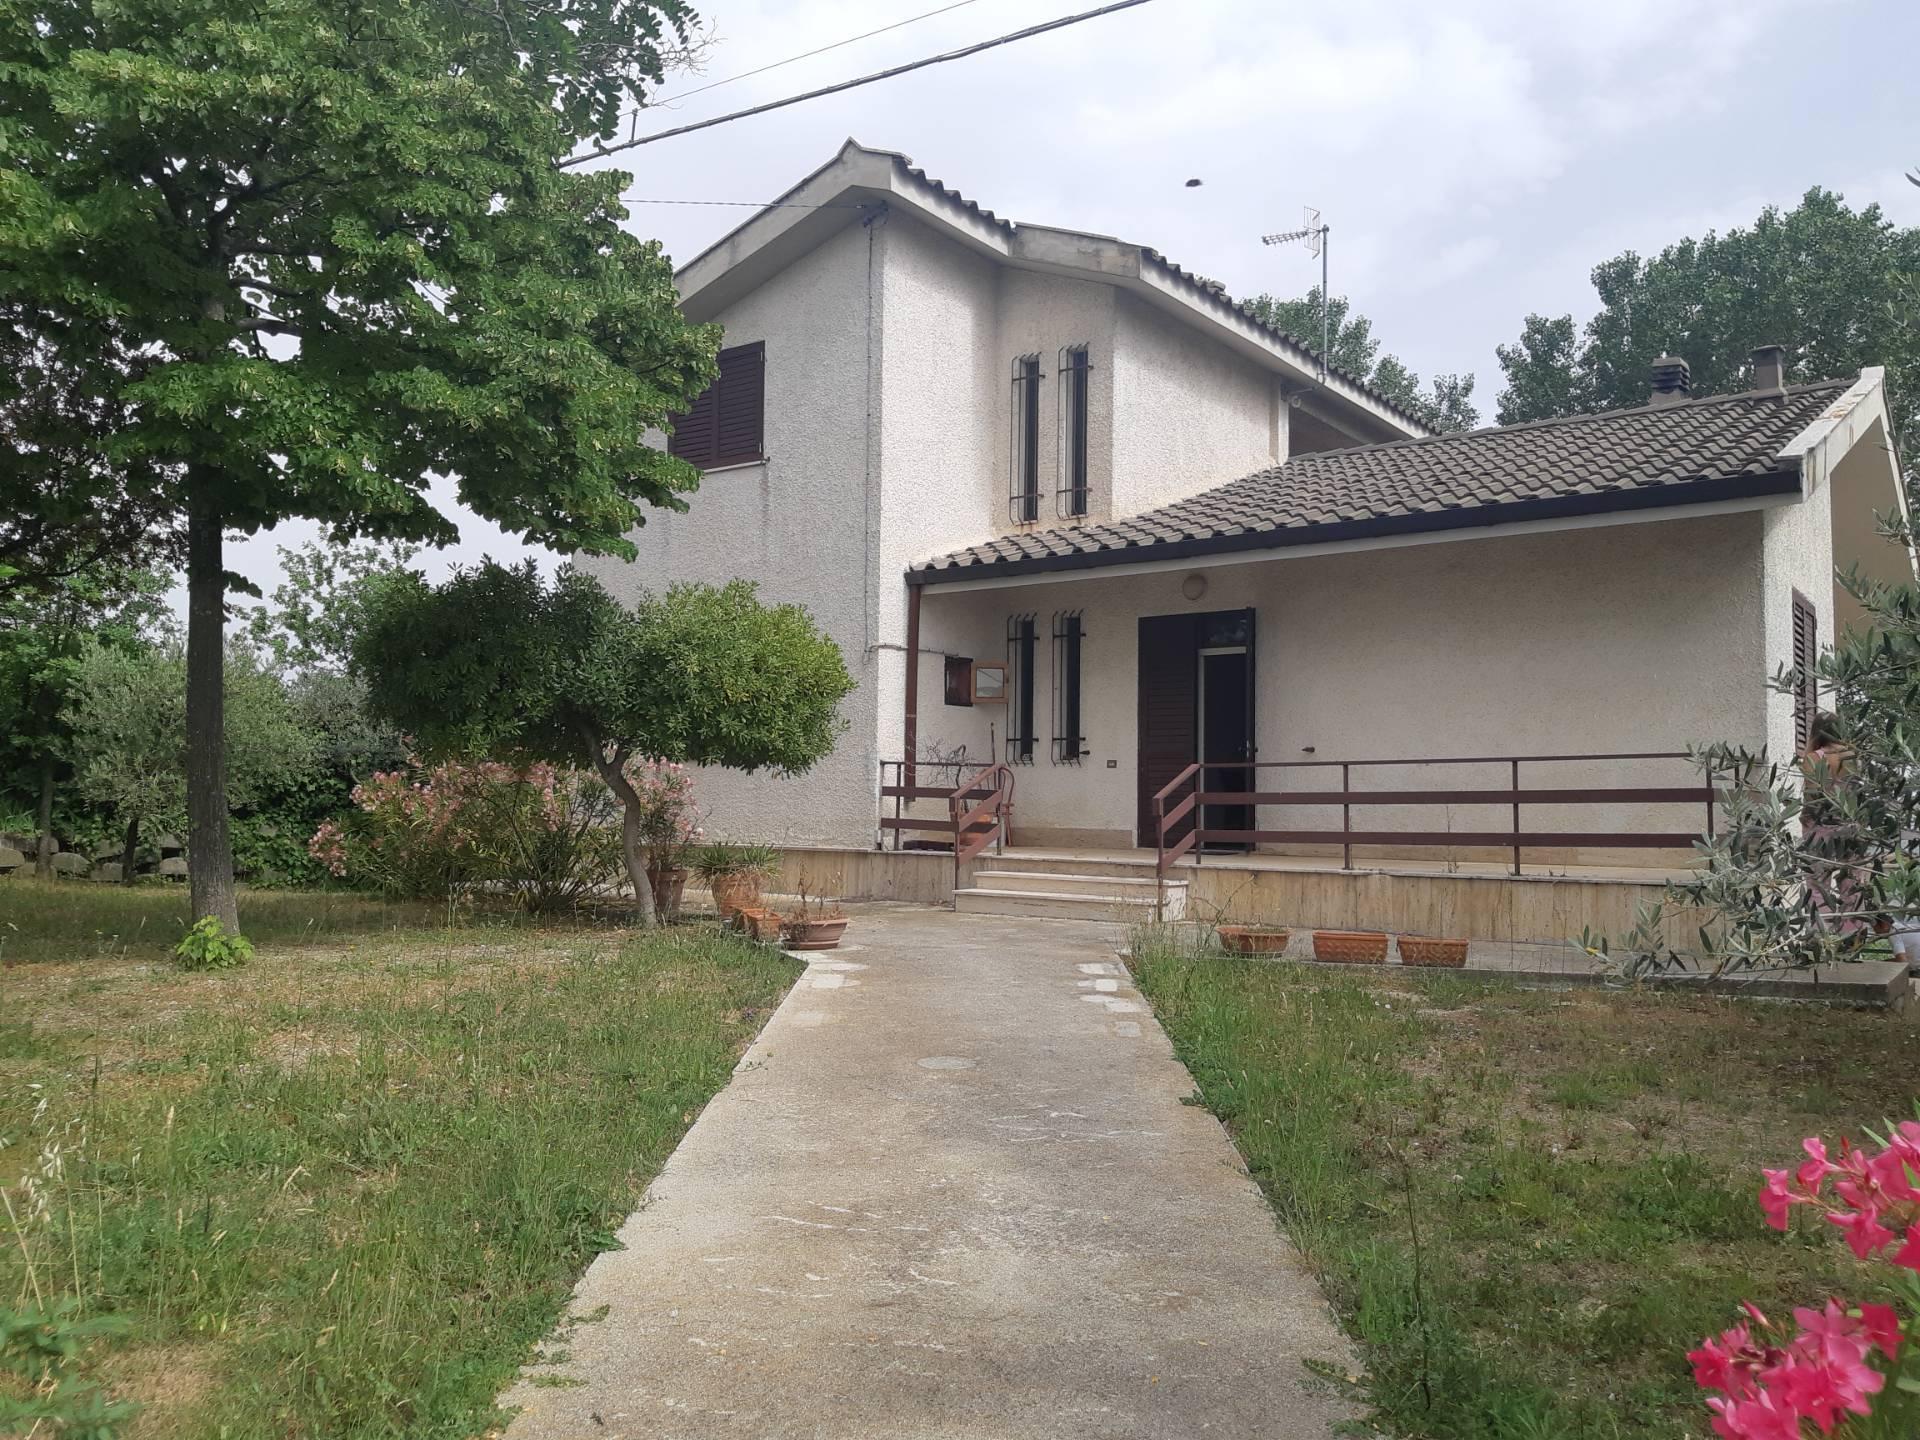 Villa in vendita a Ancarano, 10 locali, zona Località: ZonaVallatadelTronto, prezzo € 280.000 | CambioCasa.it